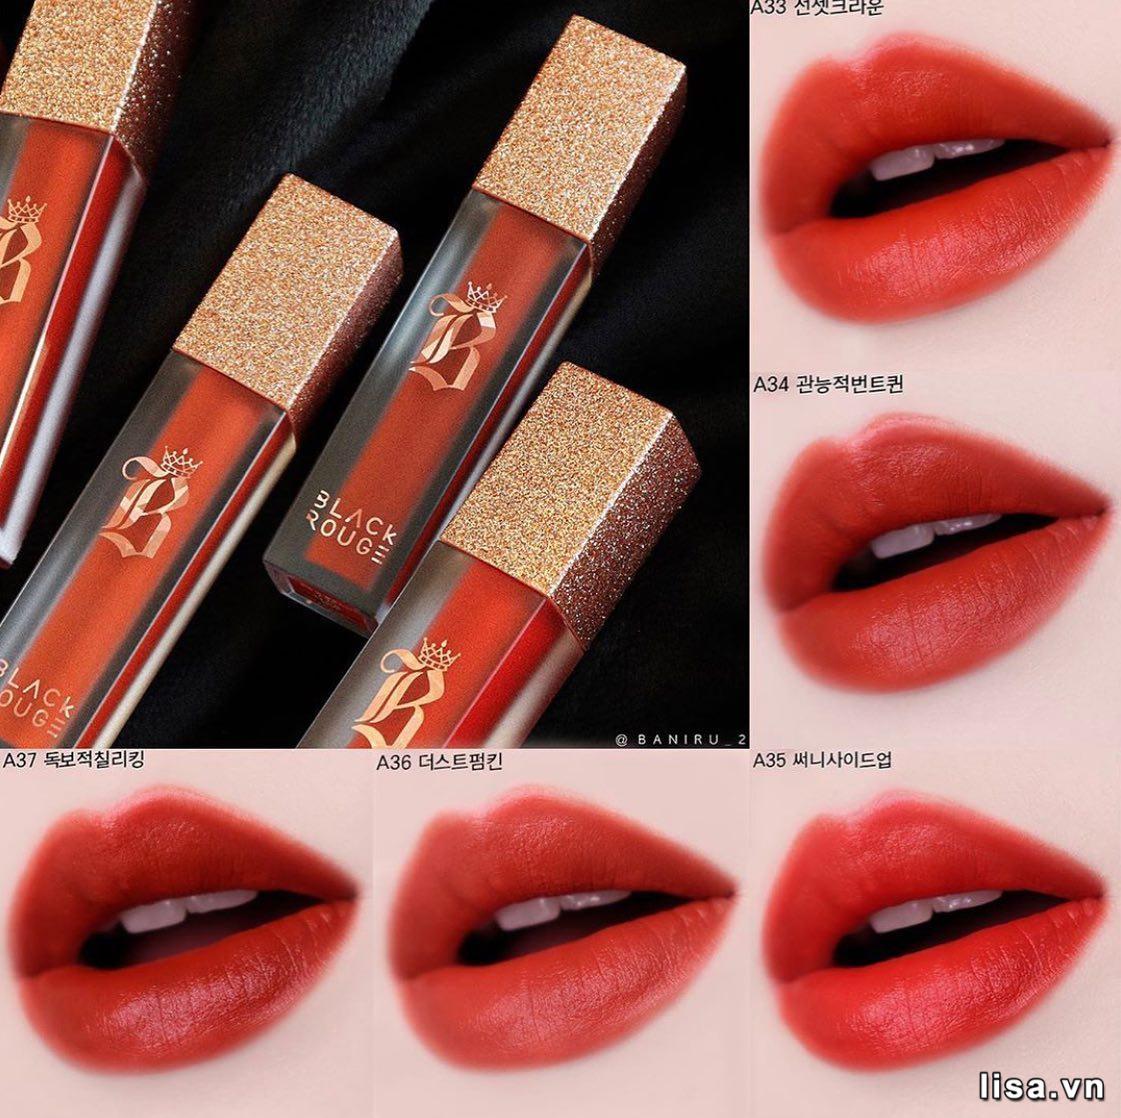 Bảng màu Black Rouge Air Fit Velvet Tint version 7 có 5 màu son, tông đỏ cam chủ đạo